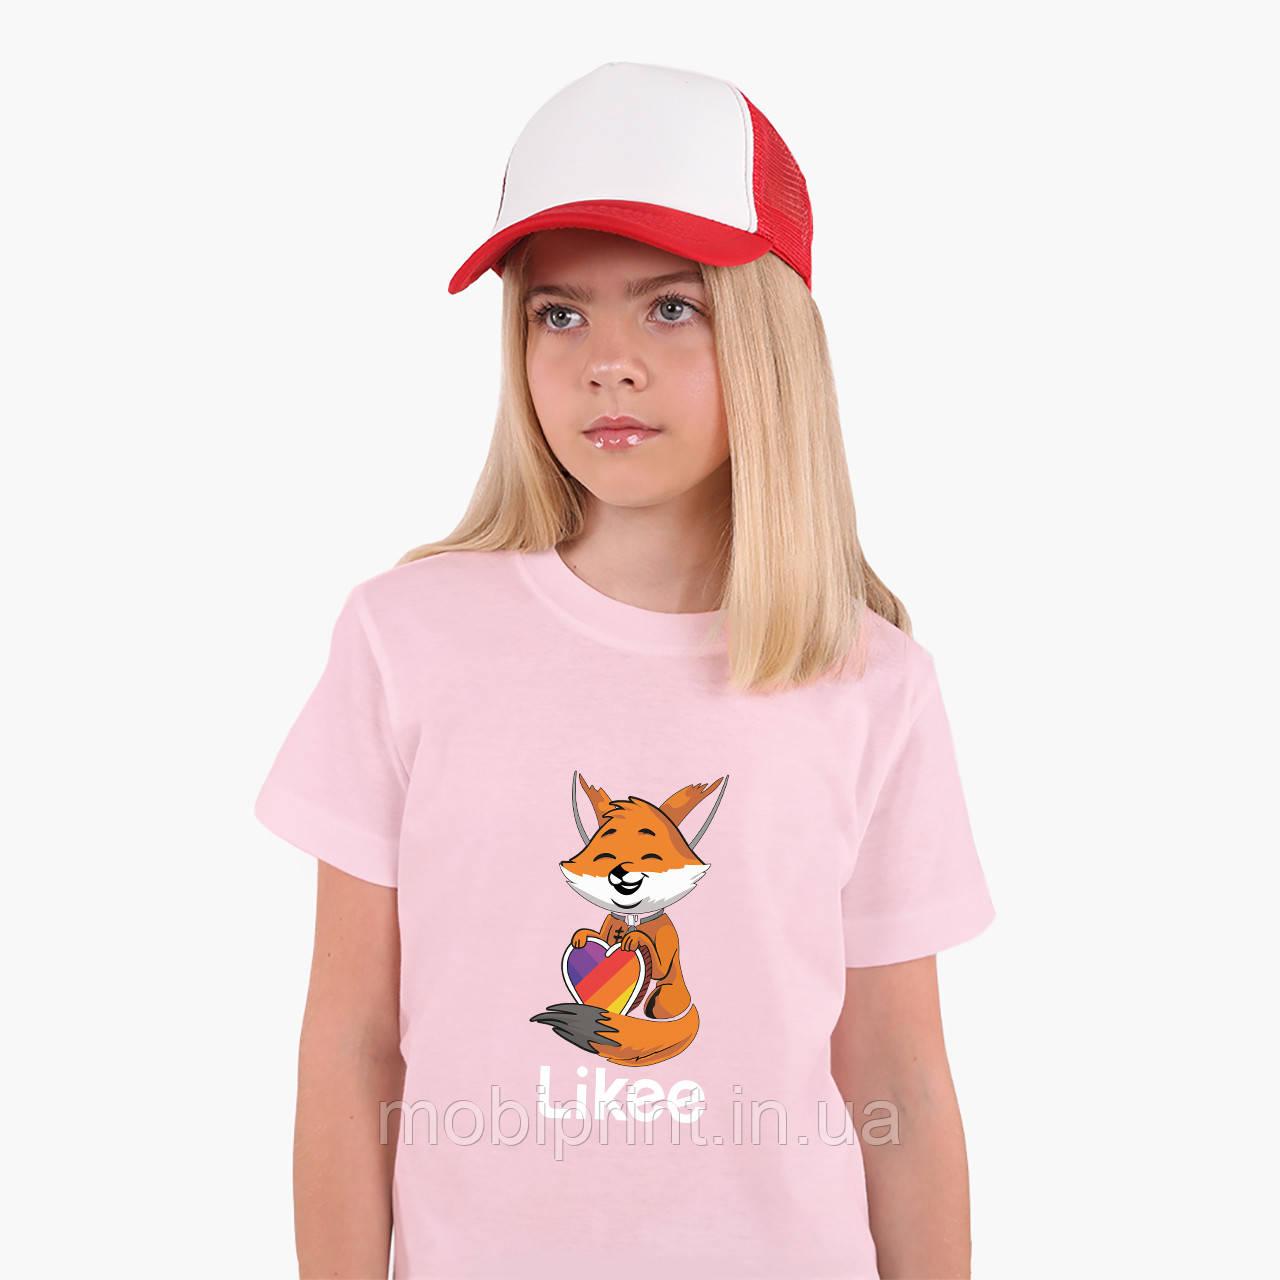 Детская футболка для девочек Лайк (Likee) (25186-1033) Розовый